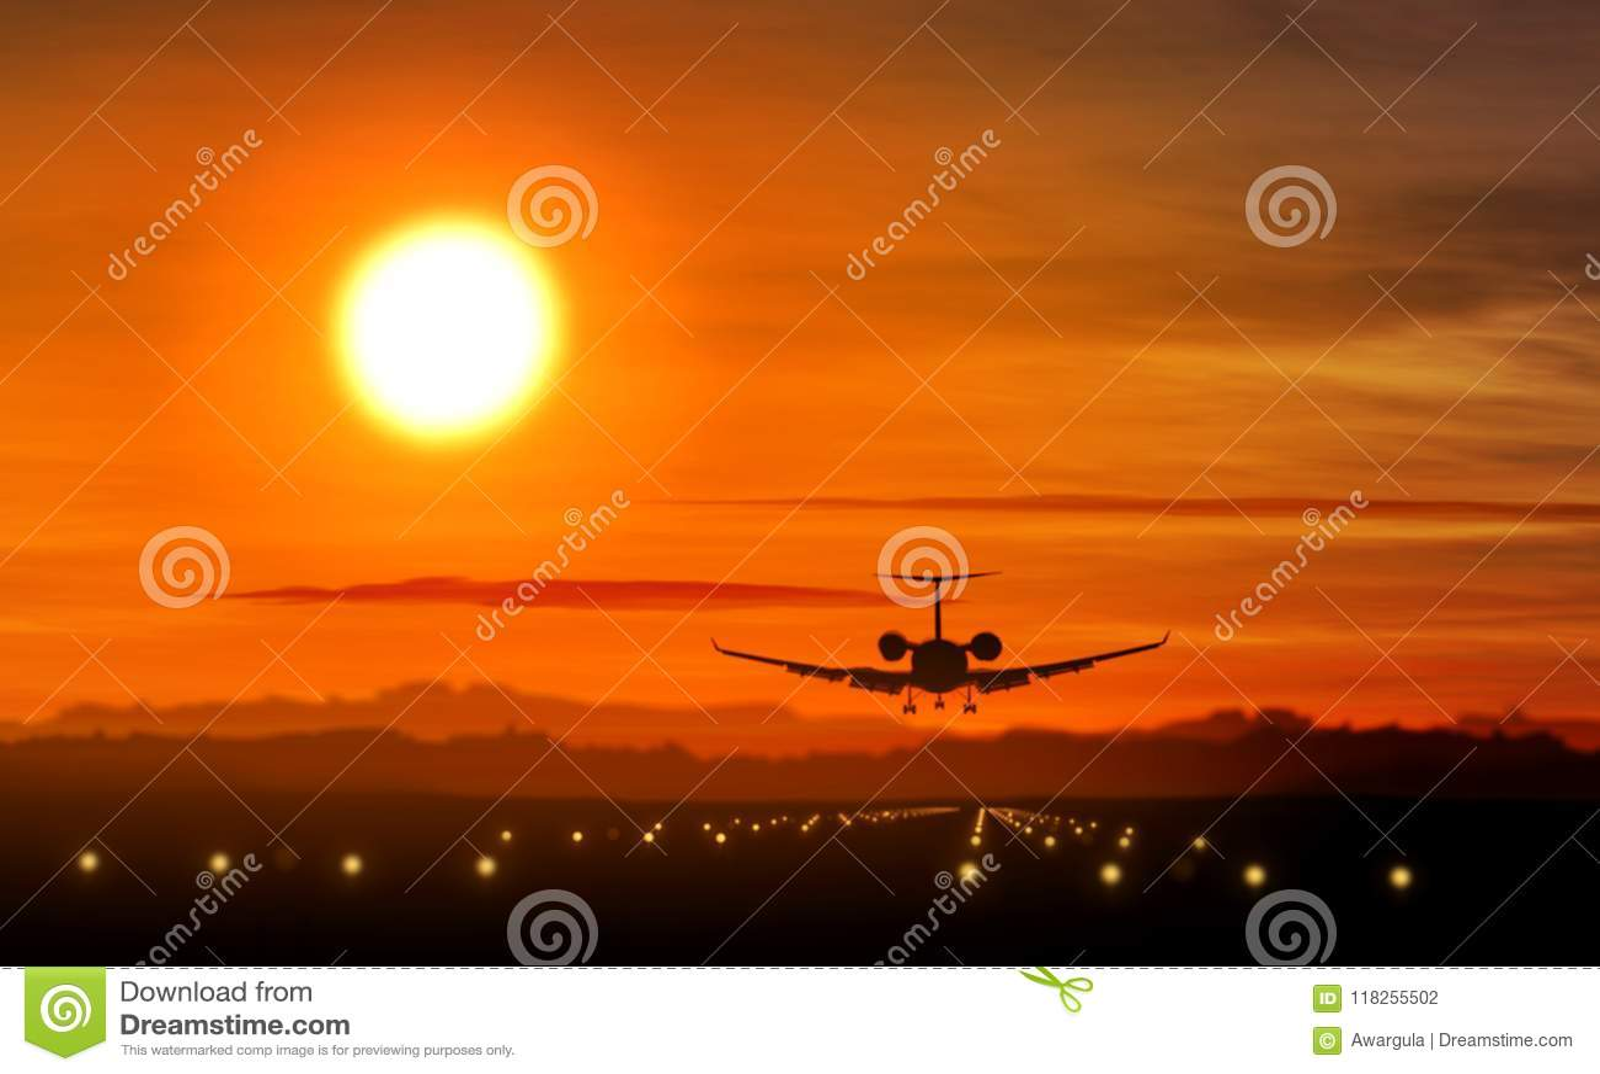 Aterrizaje de aeroplano - silueta del jet privado en puesta del sol